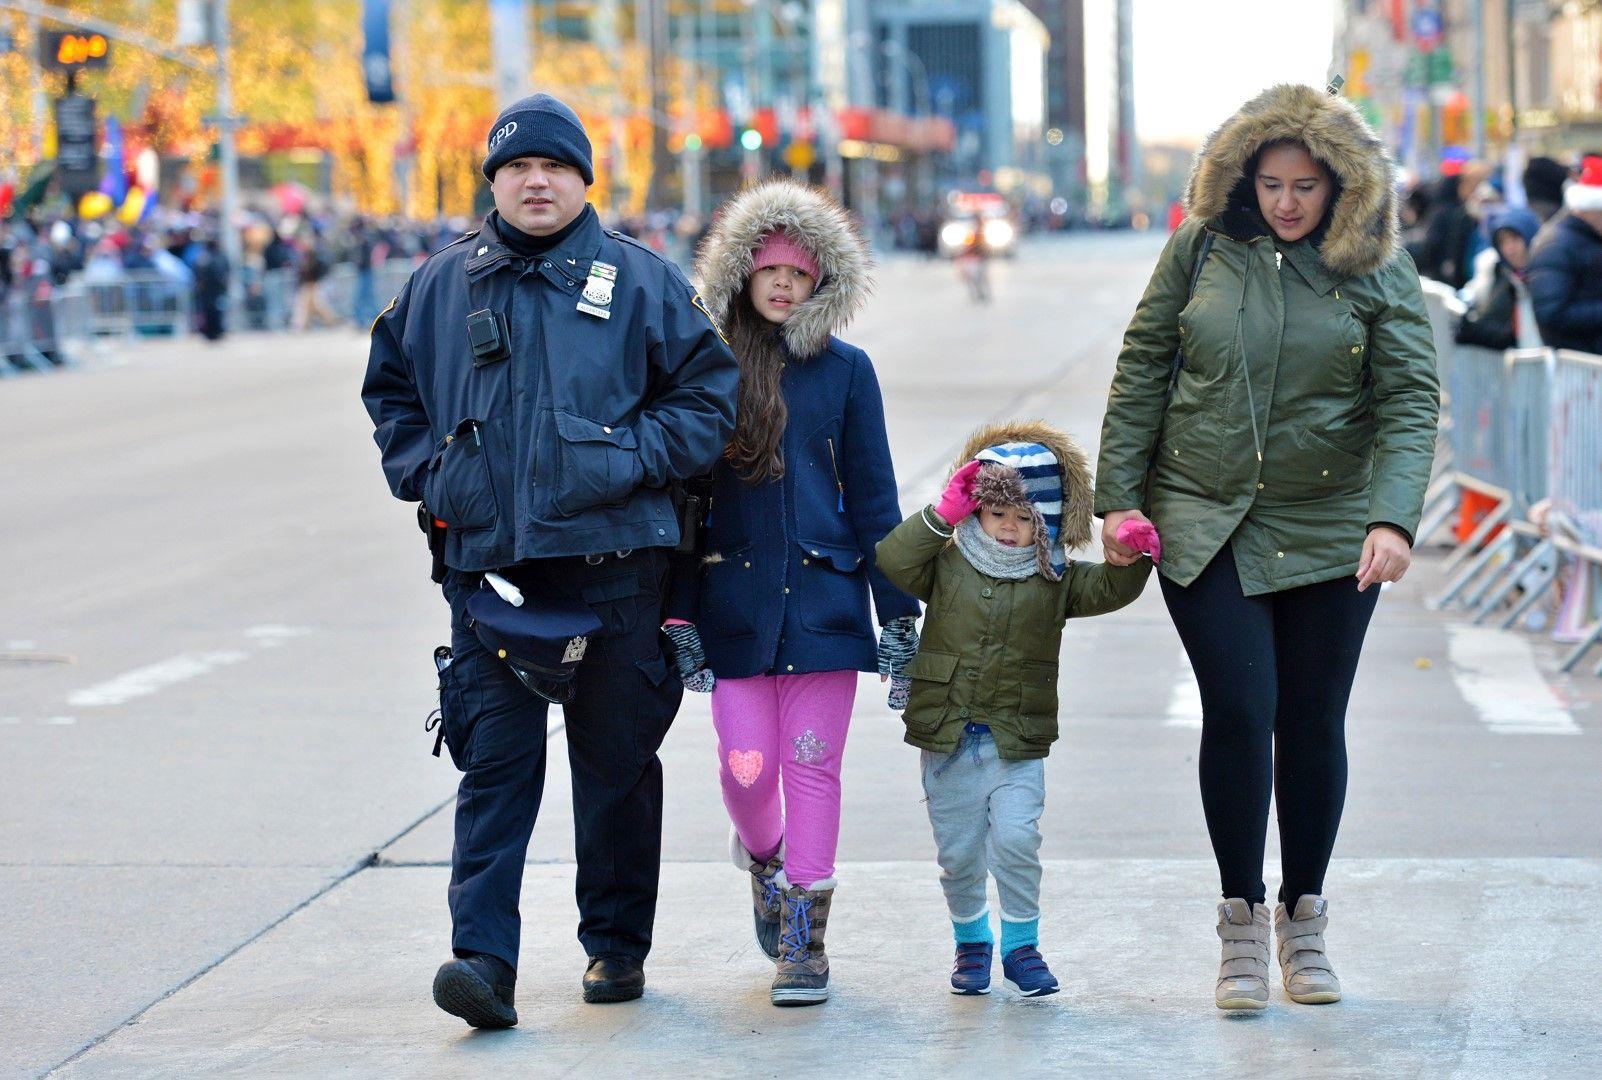 Полицай съпровожда майка с двете й деца през улица със спряно движение